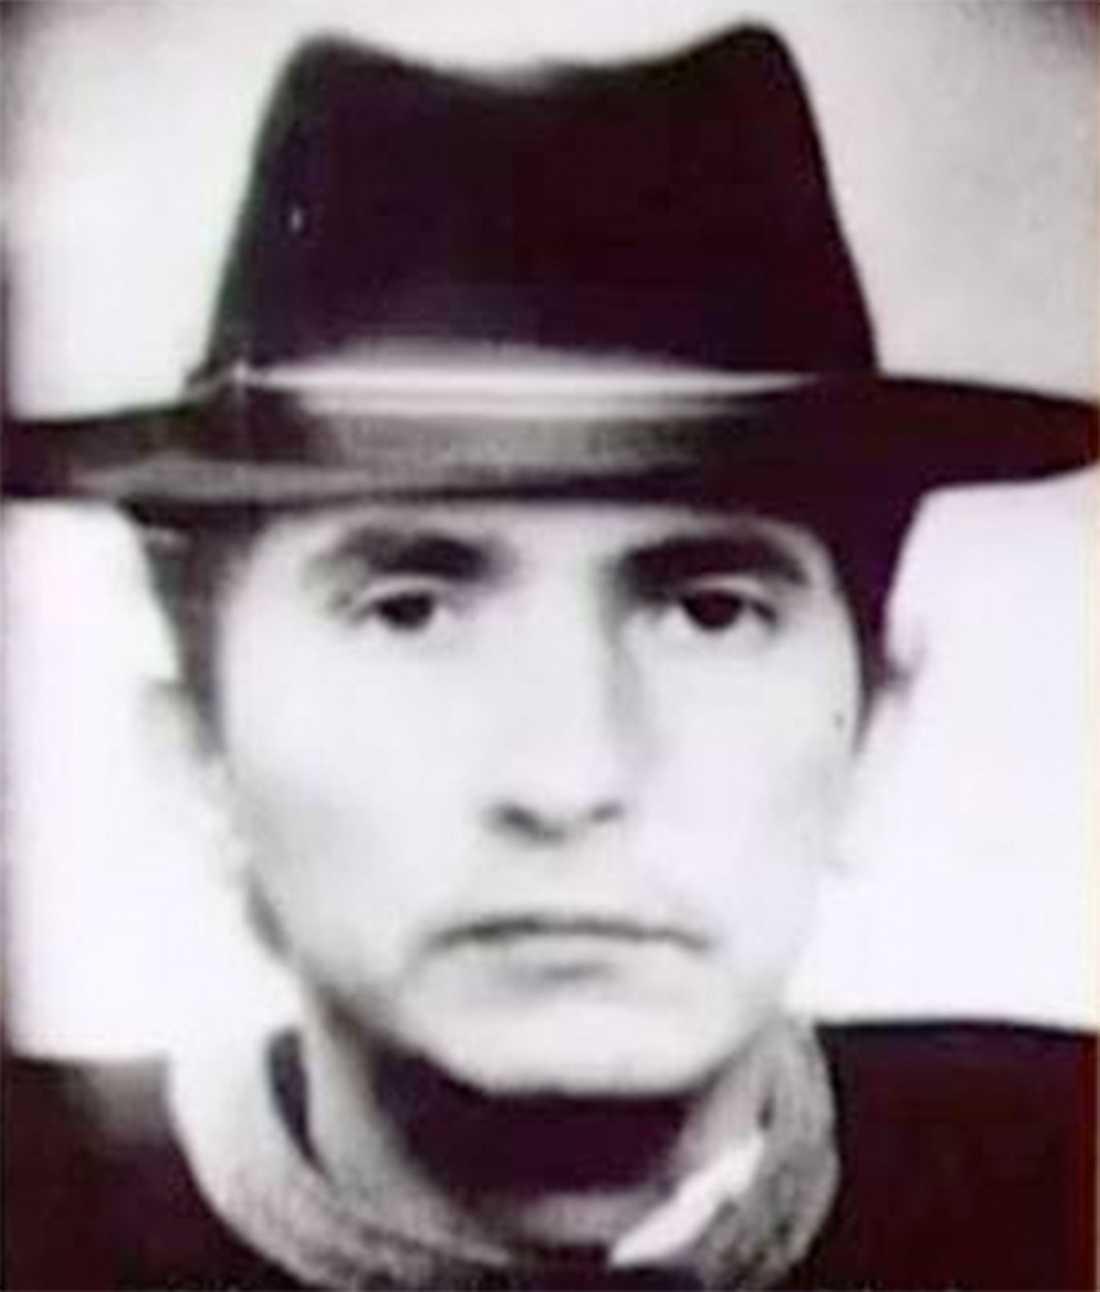 Tyska polisens fantombild av hur gärningsmannen som mördade Blanka Zmigrod ska ha sett ut.